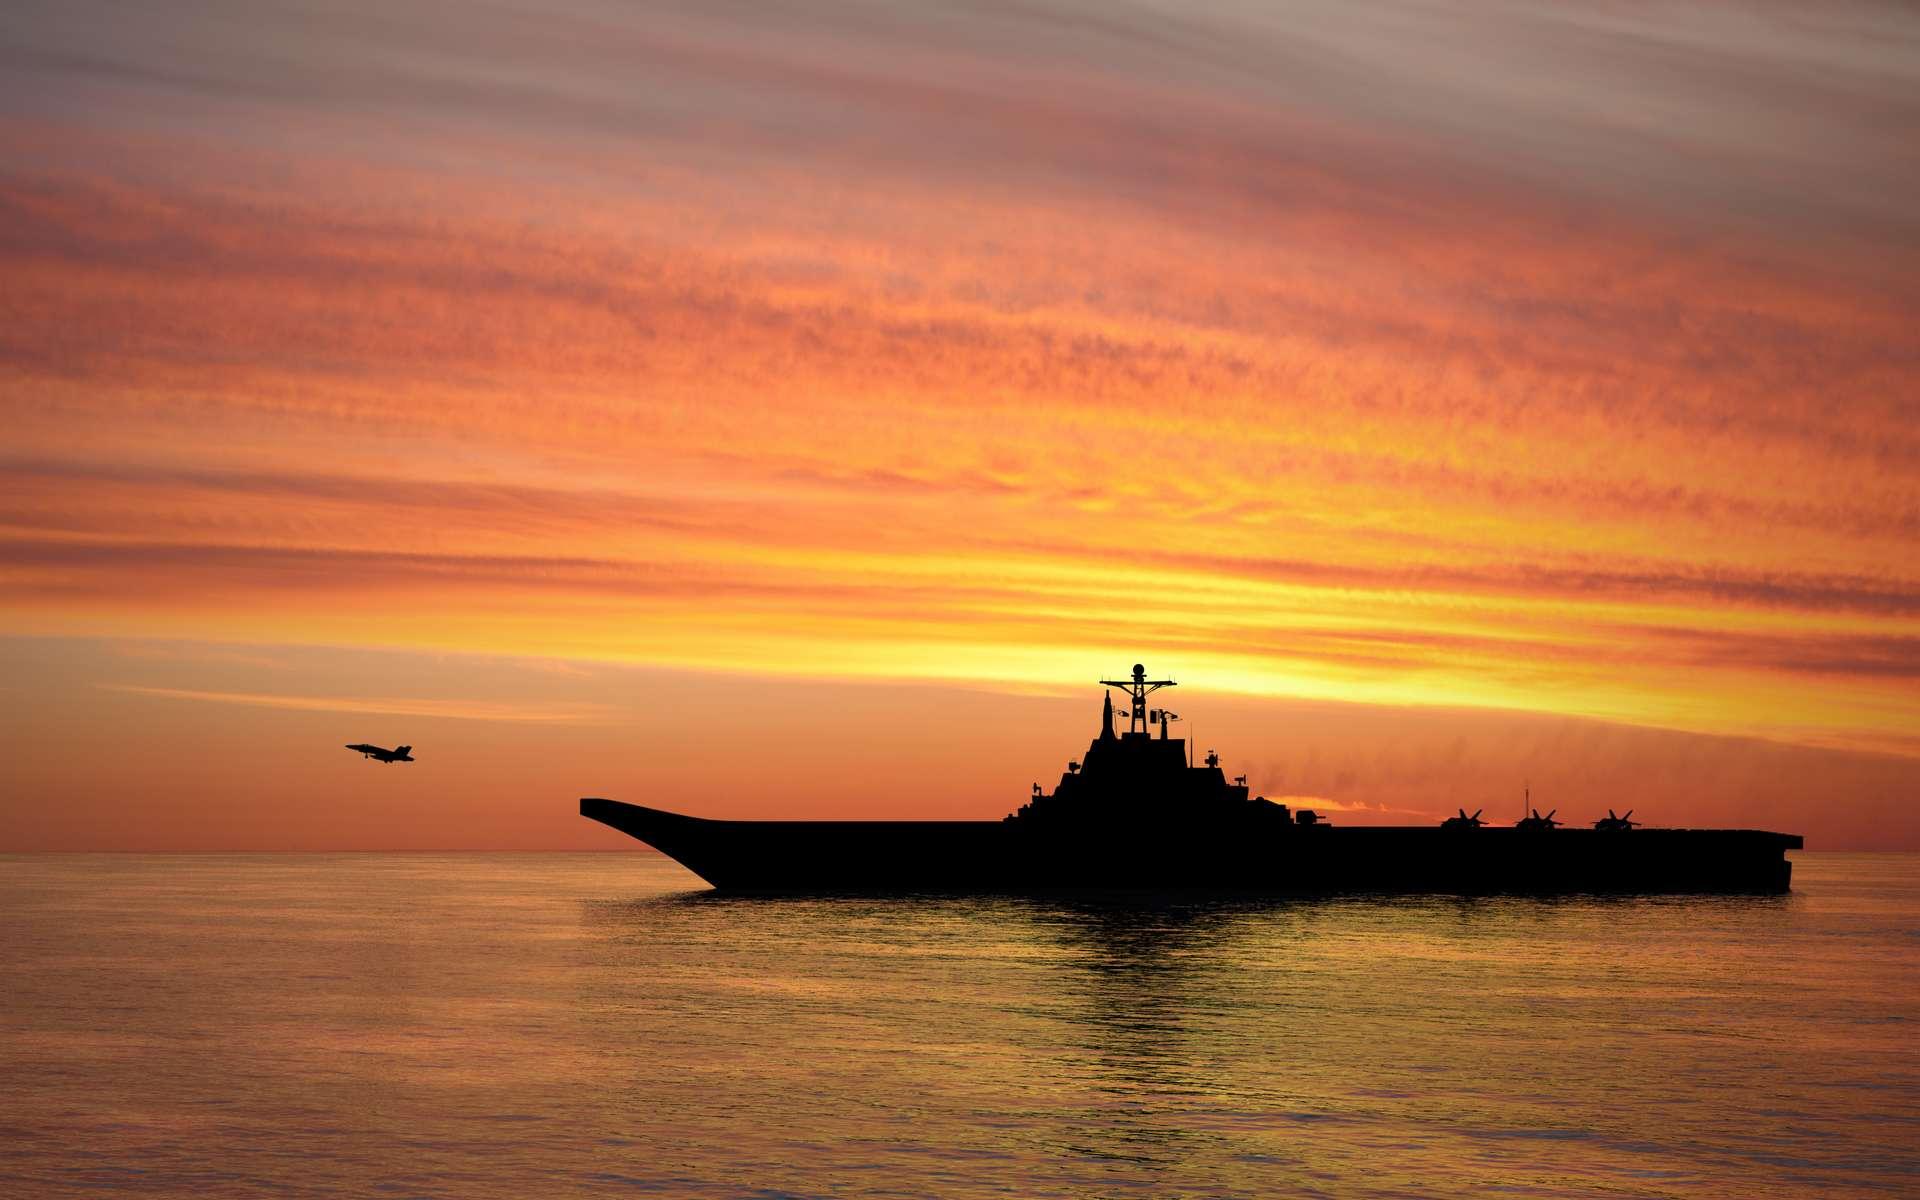 Un porte-avions au large de l'océan. © TebNad, AdobeStock